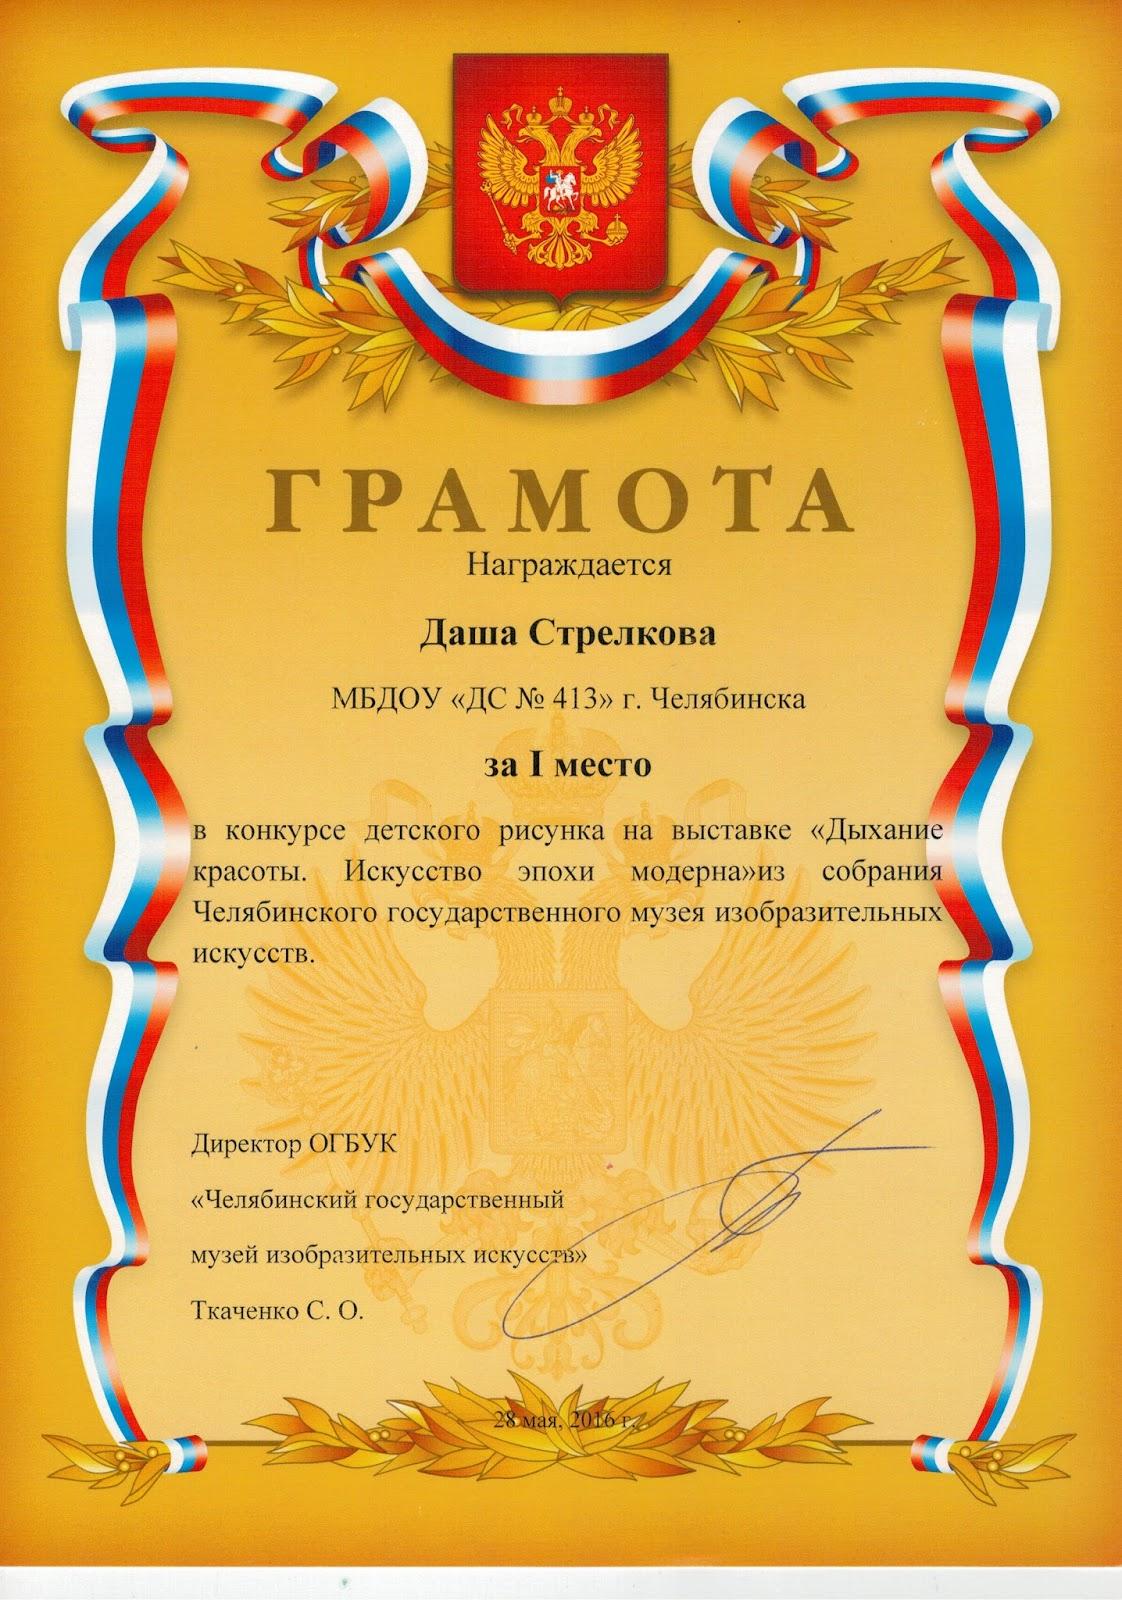 Поздравления на казахском языке с днем рождения парню